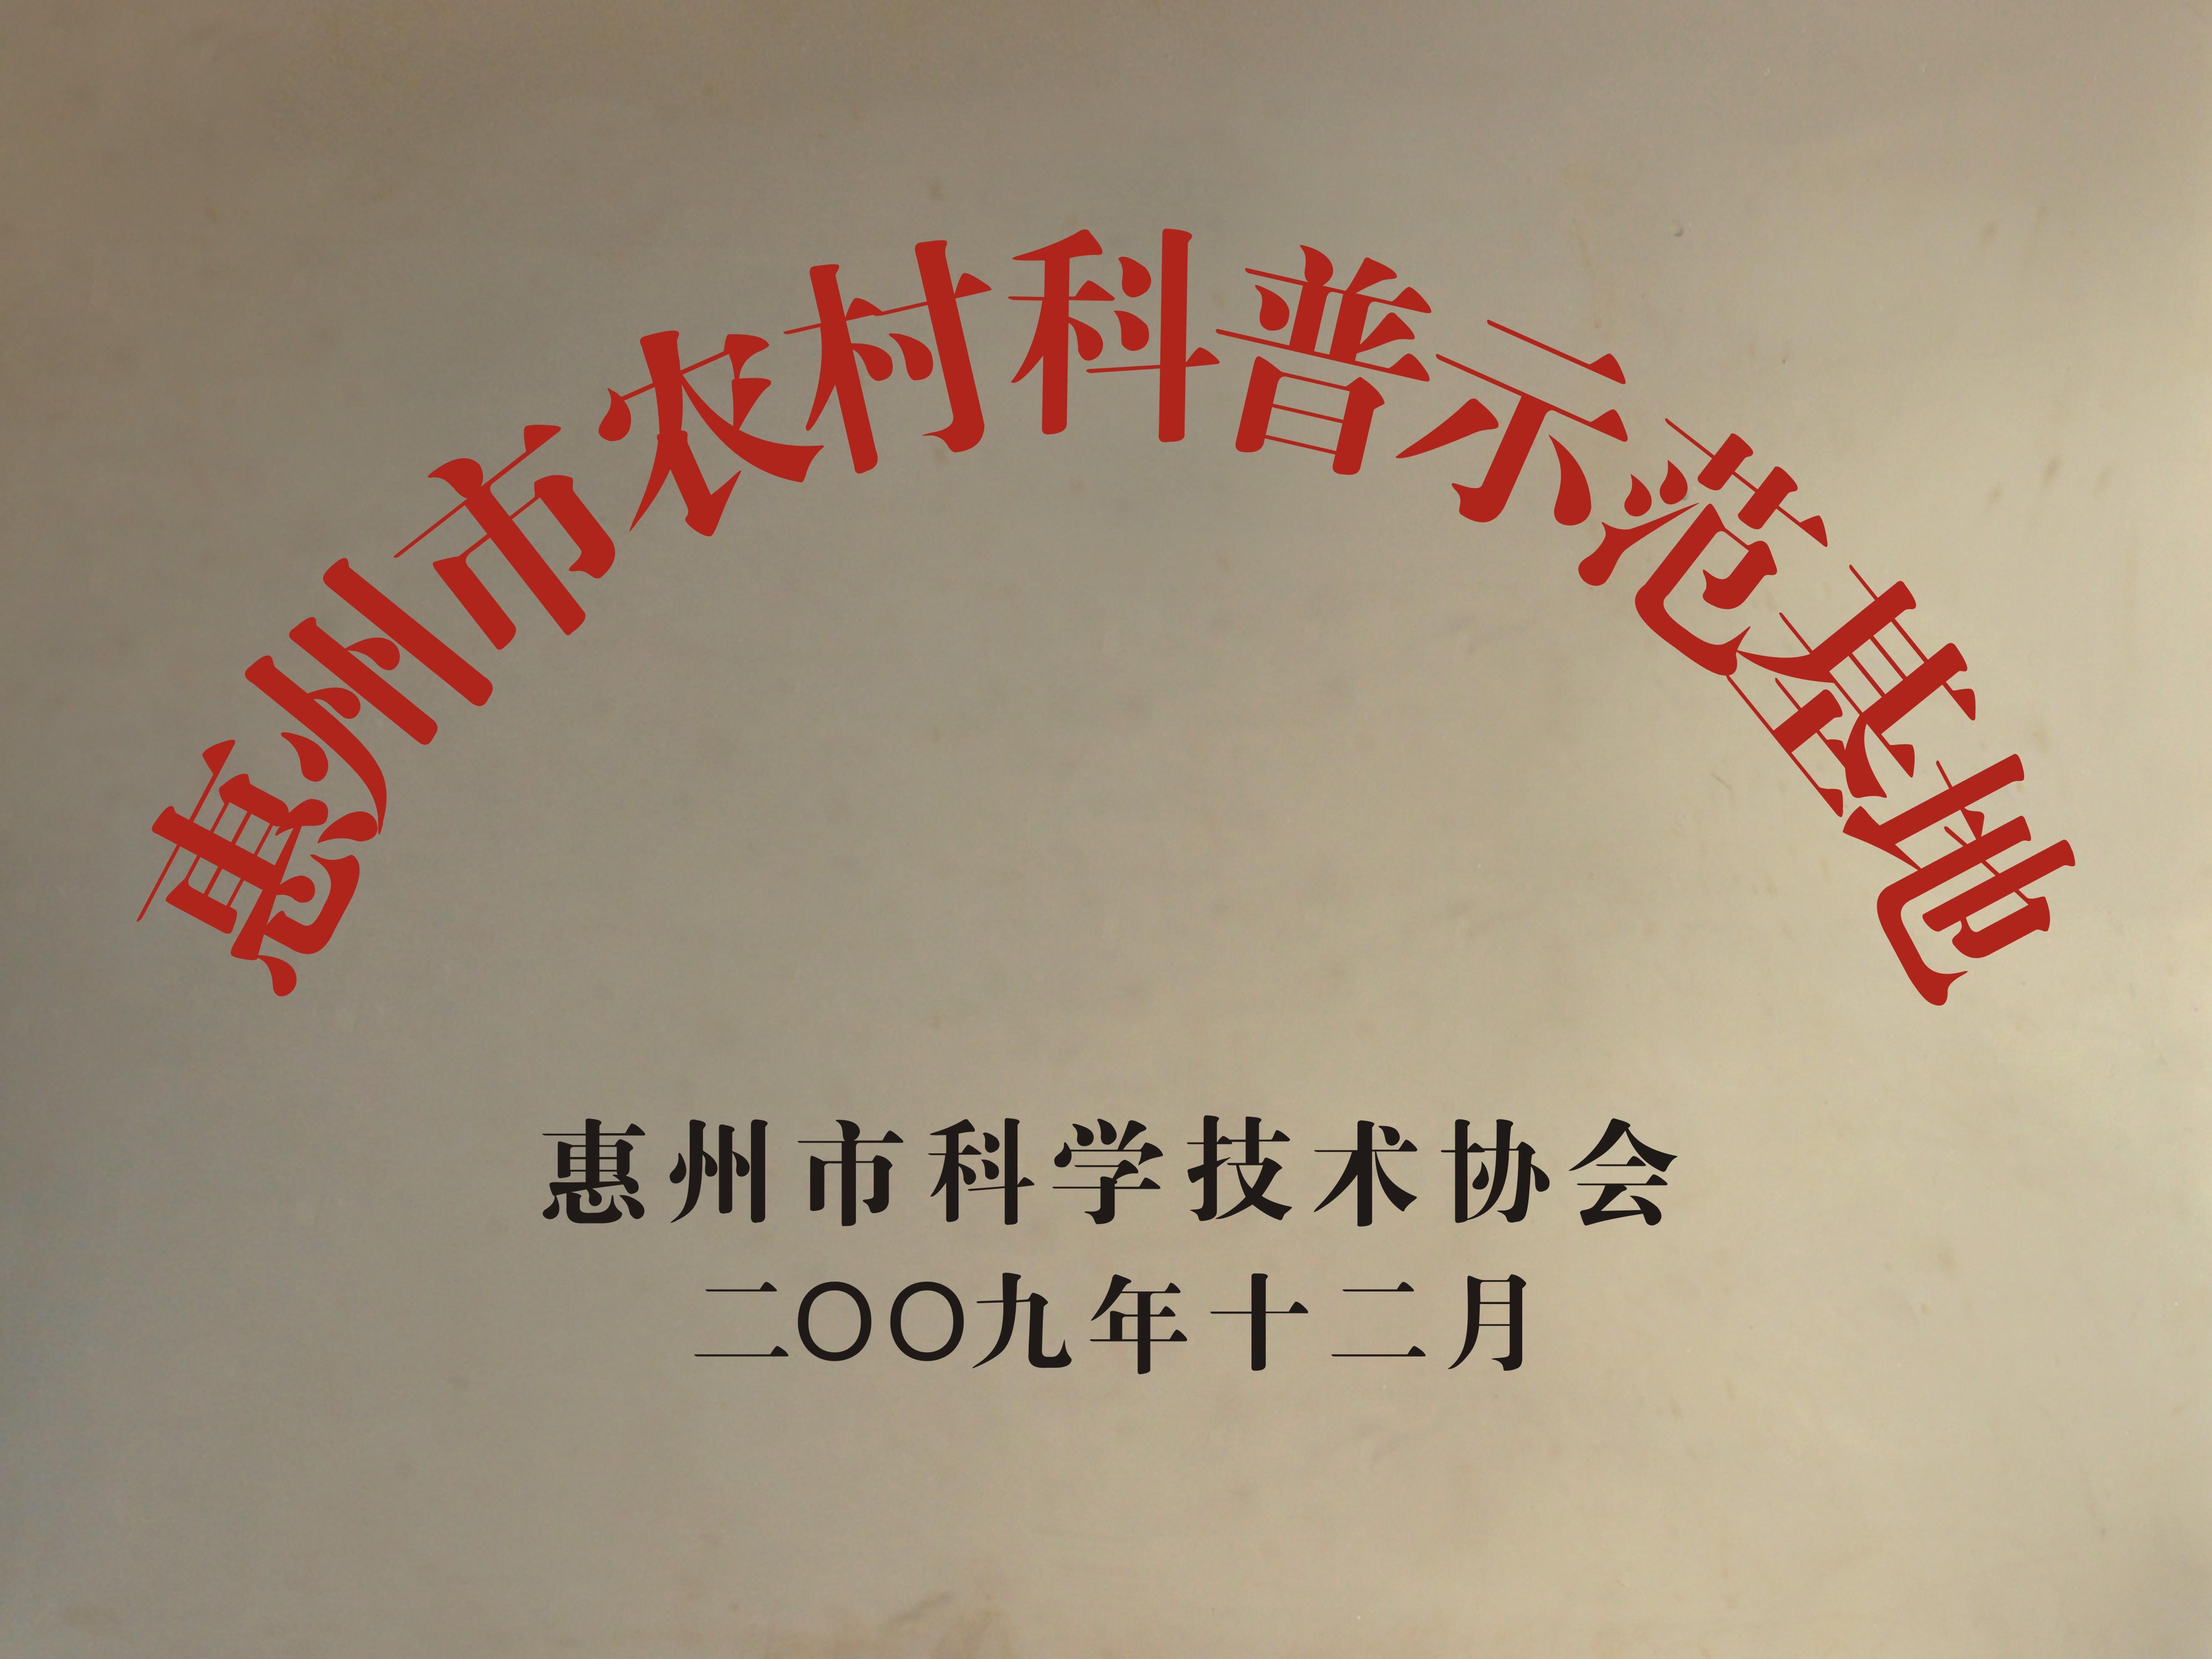 惠州市農村科普示范基地